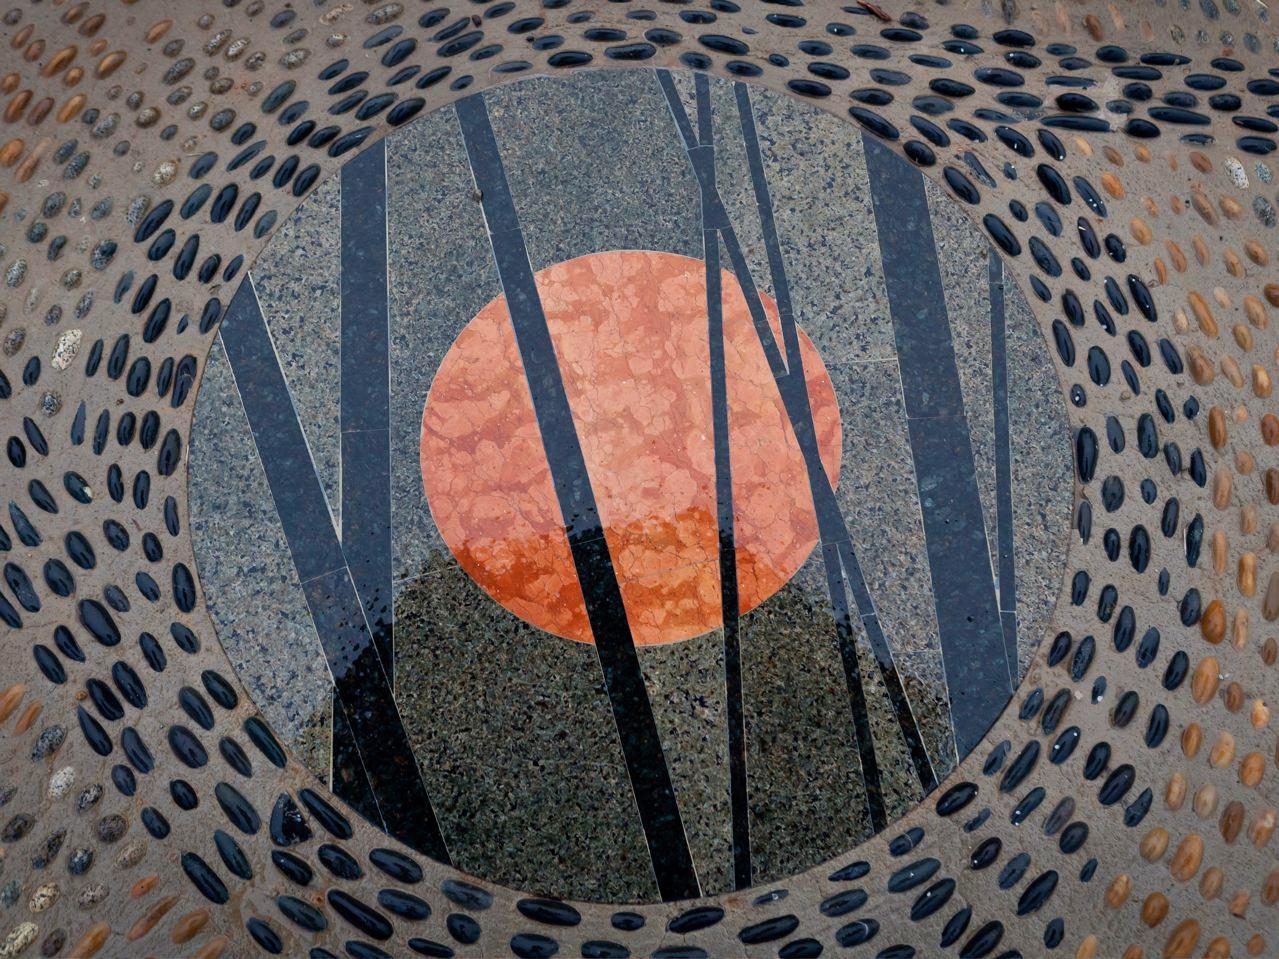 Mosaic of Nature by Masayuki Nagase